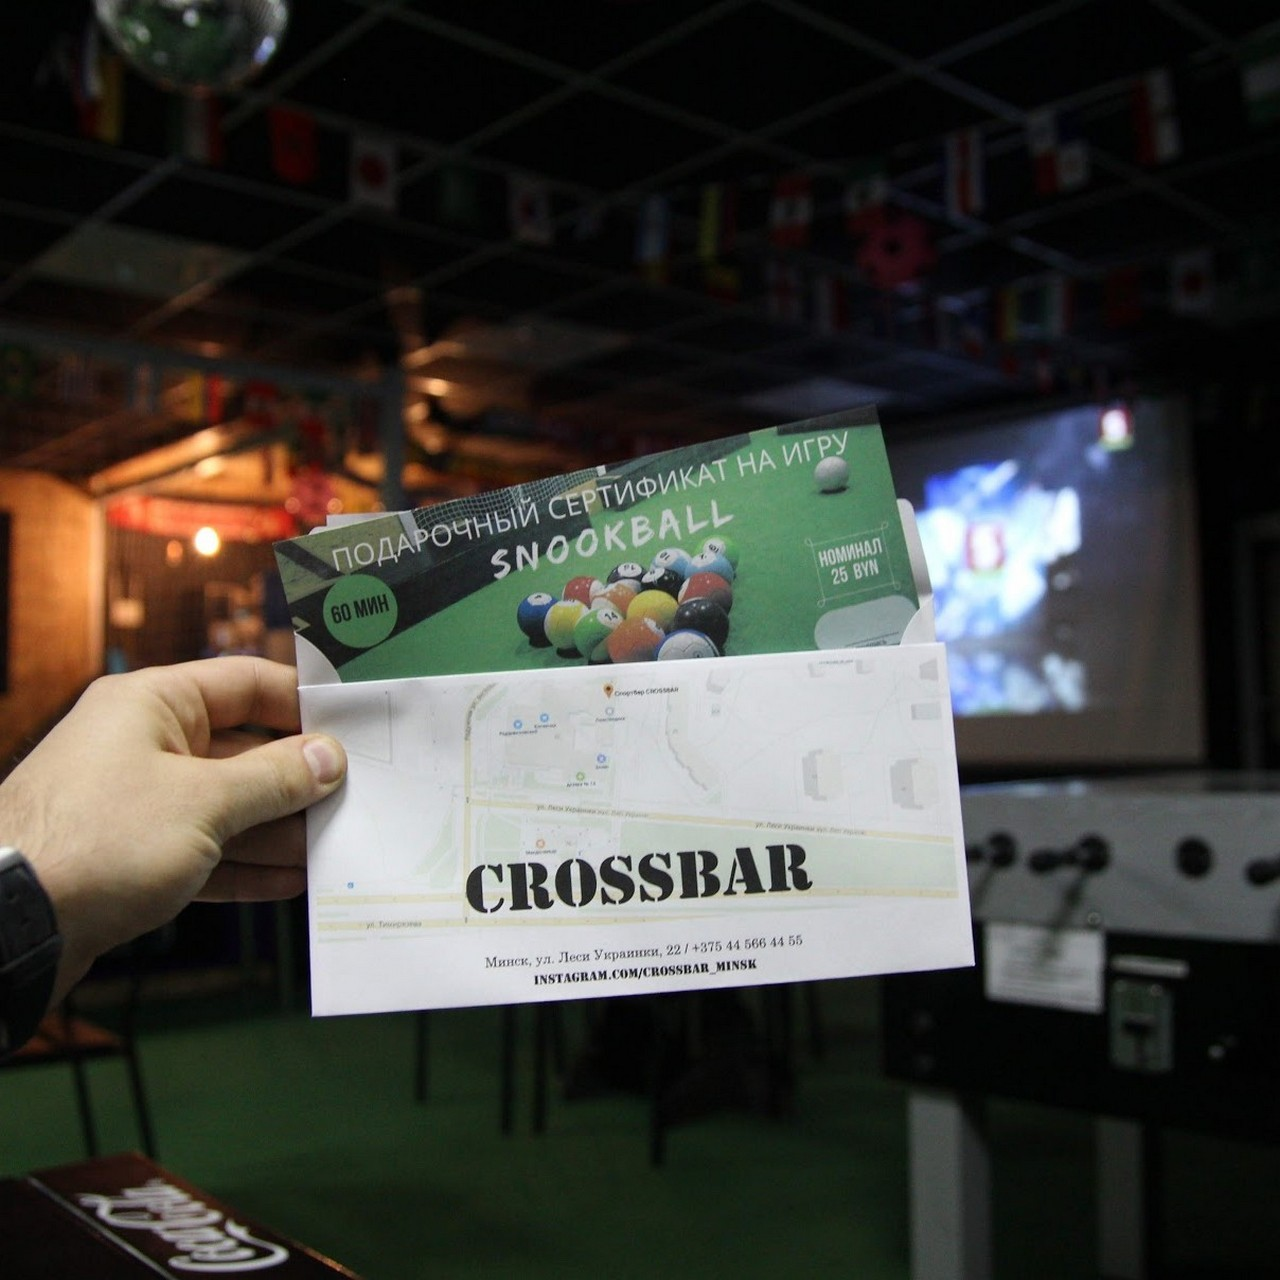 Фотография сертификат в снукбол 25 рублей в баре CrossBAR Минск